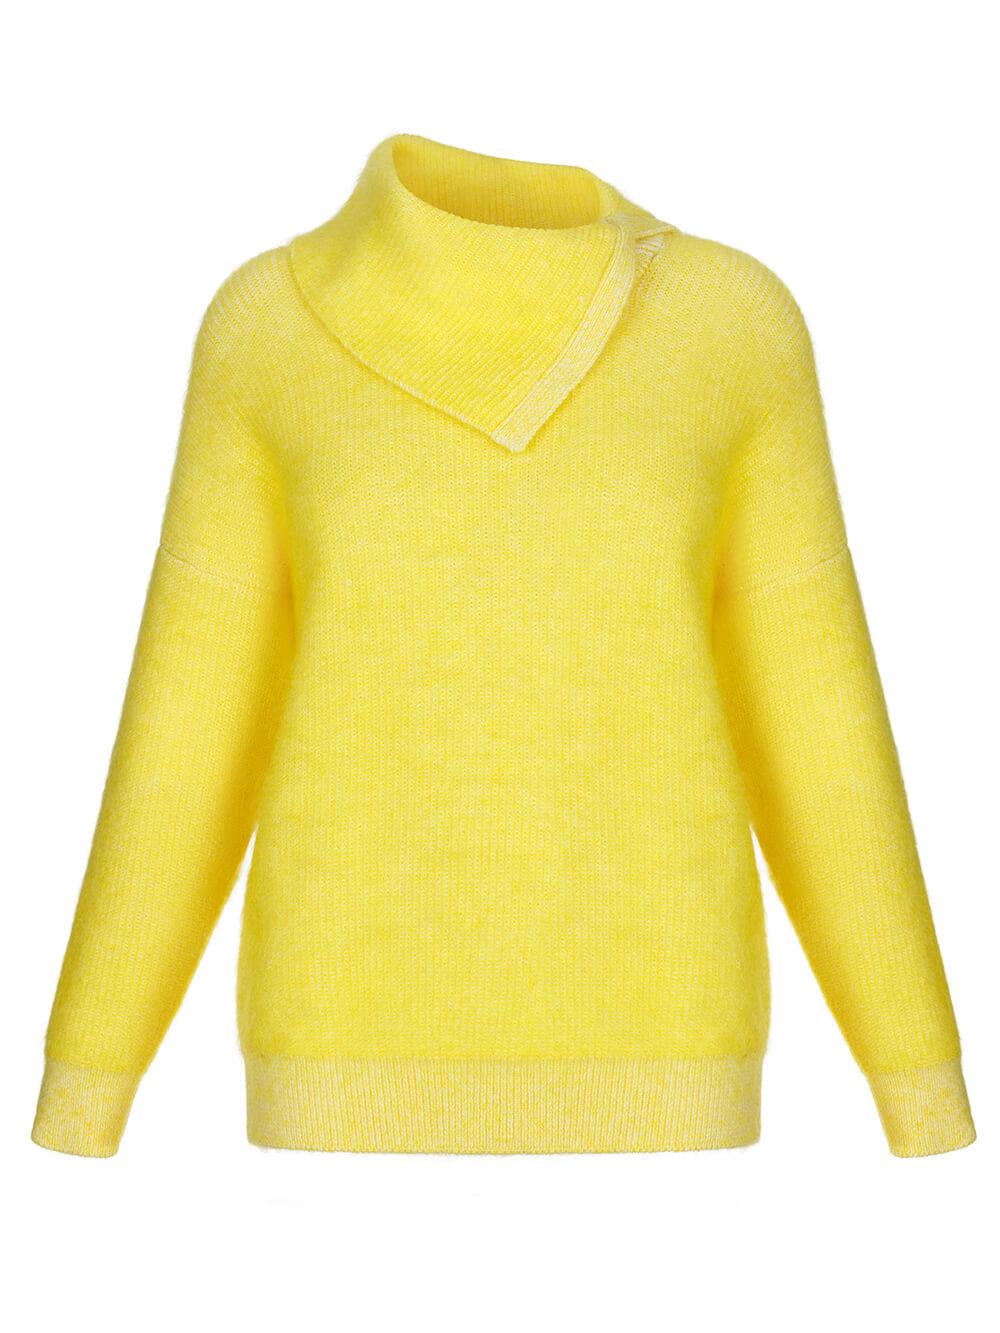 Женский свитер желтого цвета из мохера и кашемира - фото 1